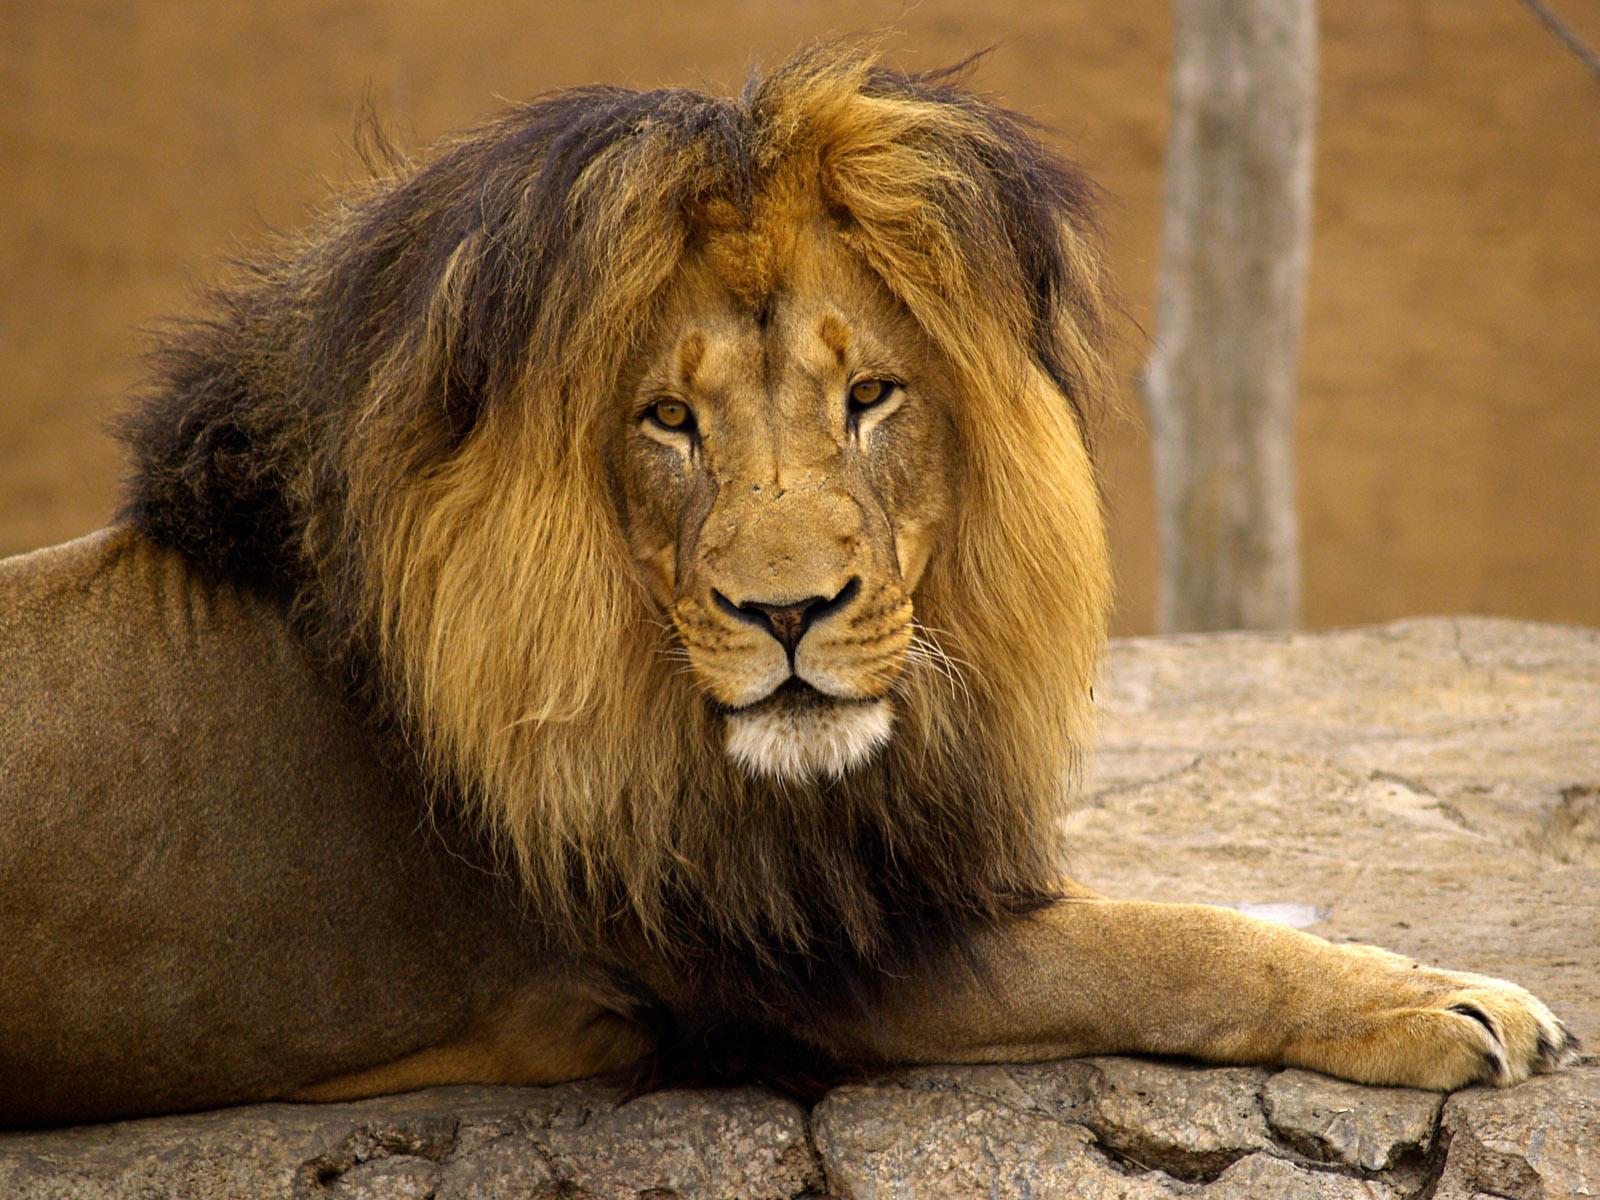 лев, фото, обои на рабочий стол, скачать бесплатно, львы